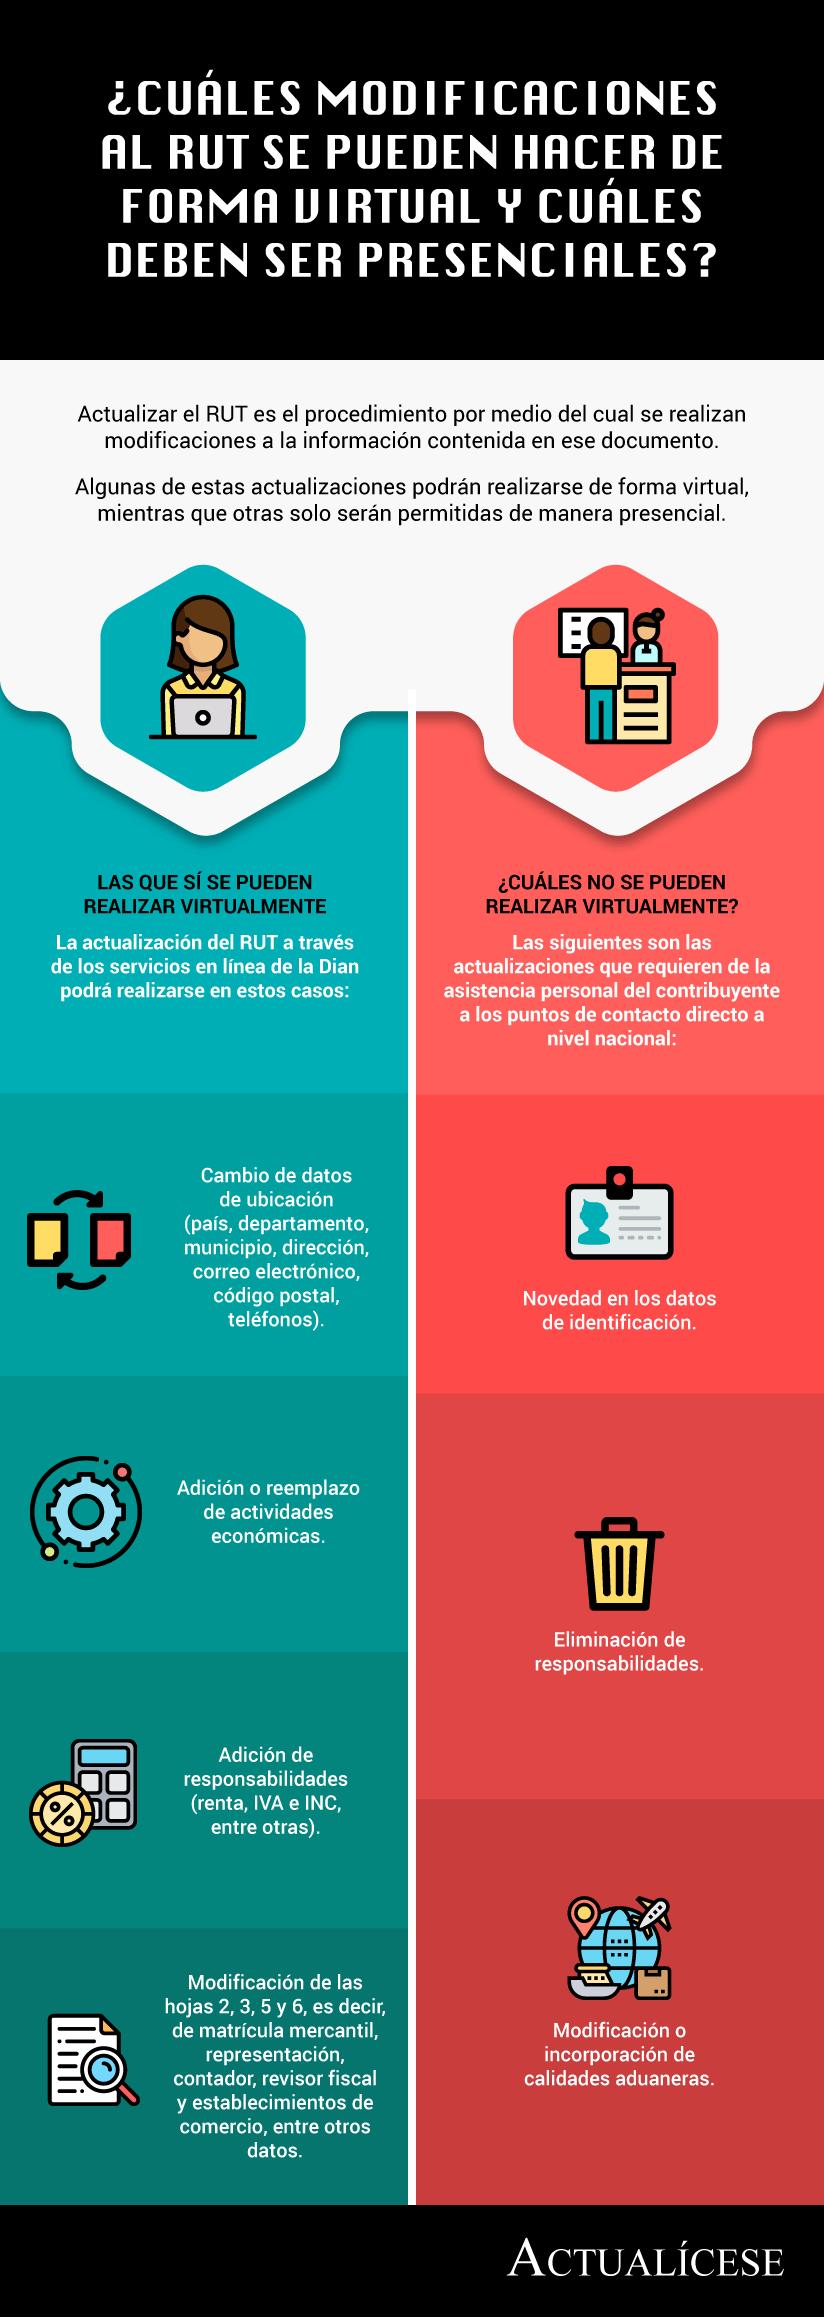 [Infografía] ¿Cuáles modificaciones al RUT se pueden hacer de forma virtual y cuáles deben ser presenciales?